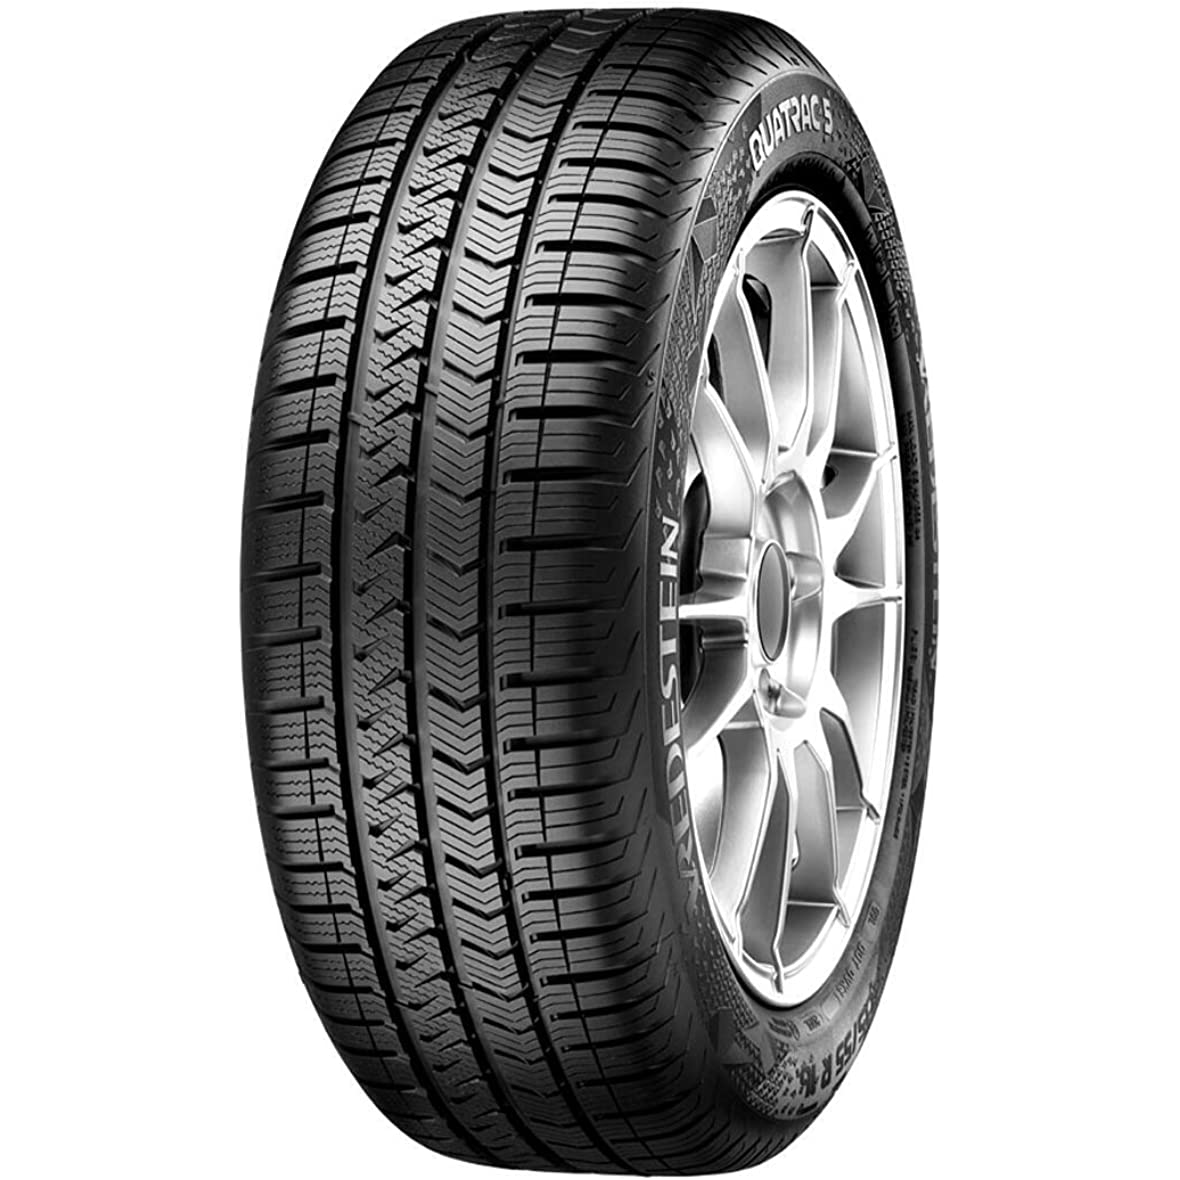 Auch der Reifen-Hersteller Vredestein gehört zu den Top-Marken.